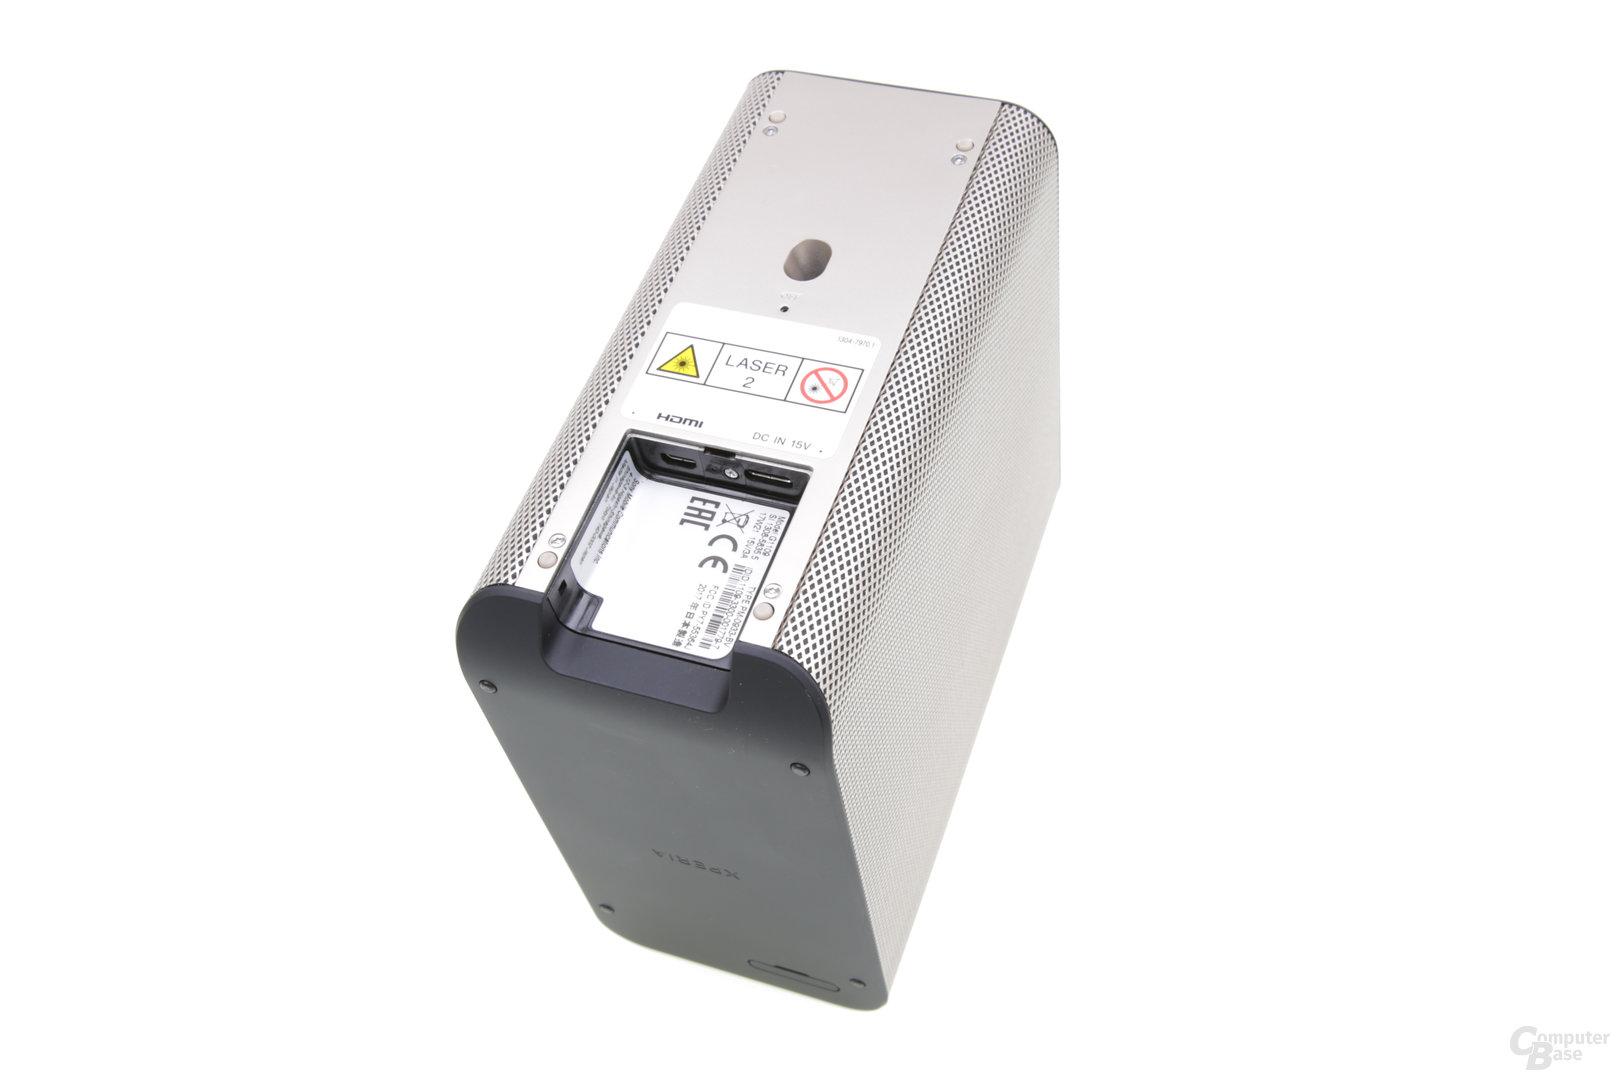 Unterseite mit Anschlüssen und Autofokus-Sensor